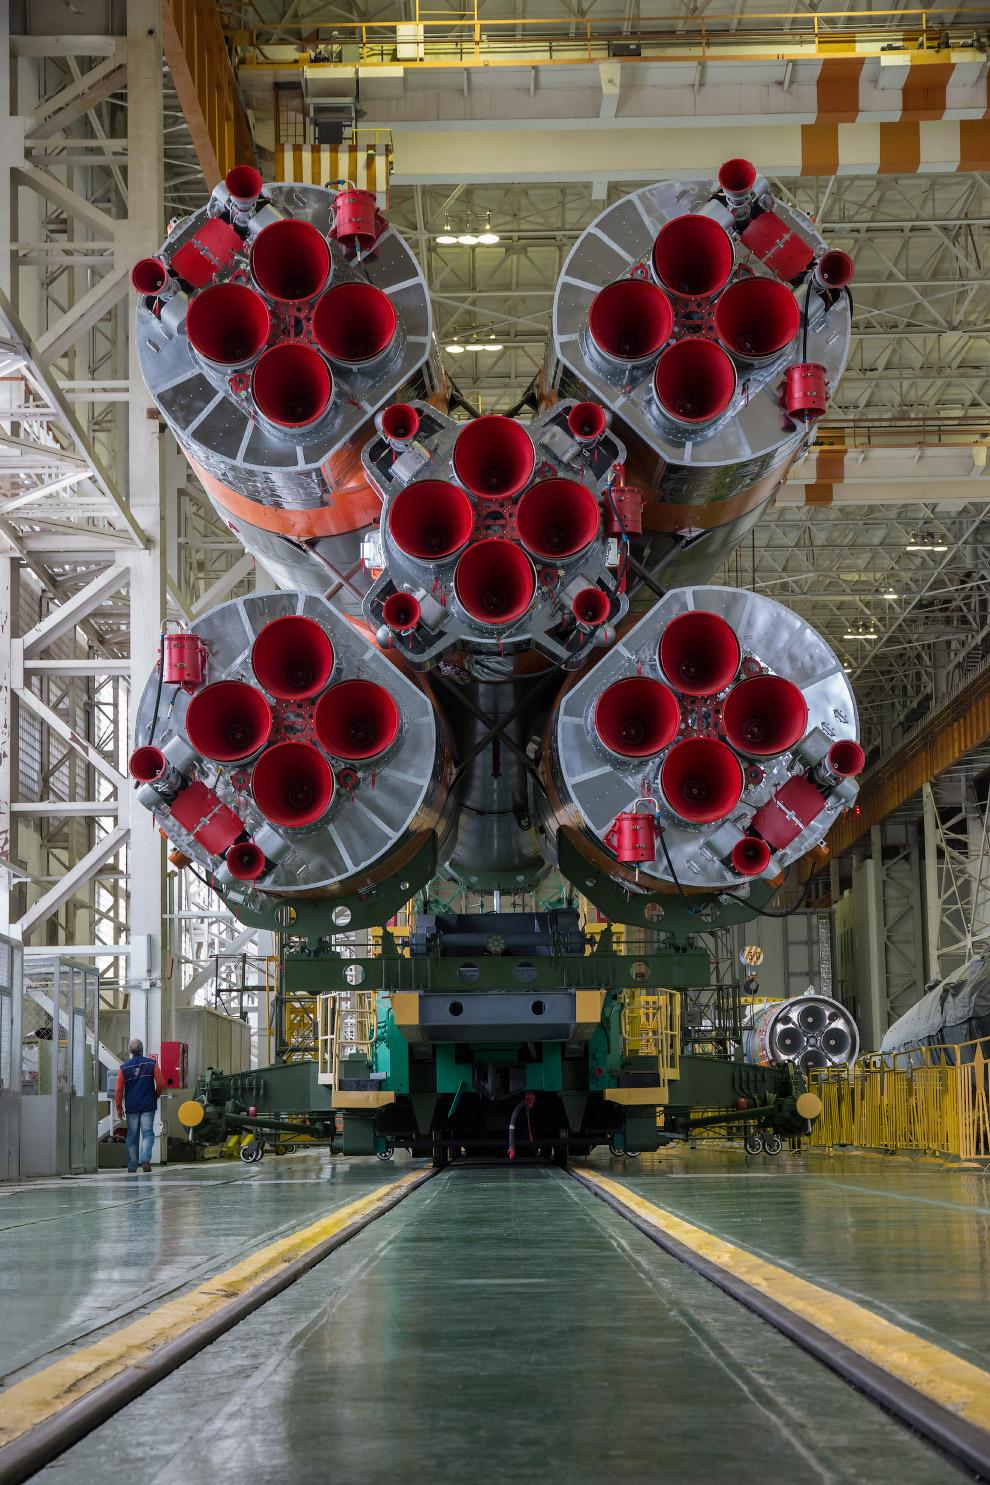 Ракета-носитель «Союз-ФГ» и космический корабль «Союз ТМА-14М» в монтажно-испытательном комплексе Байконура